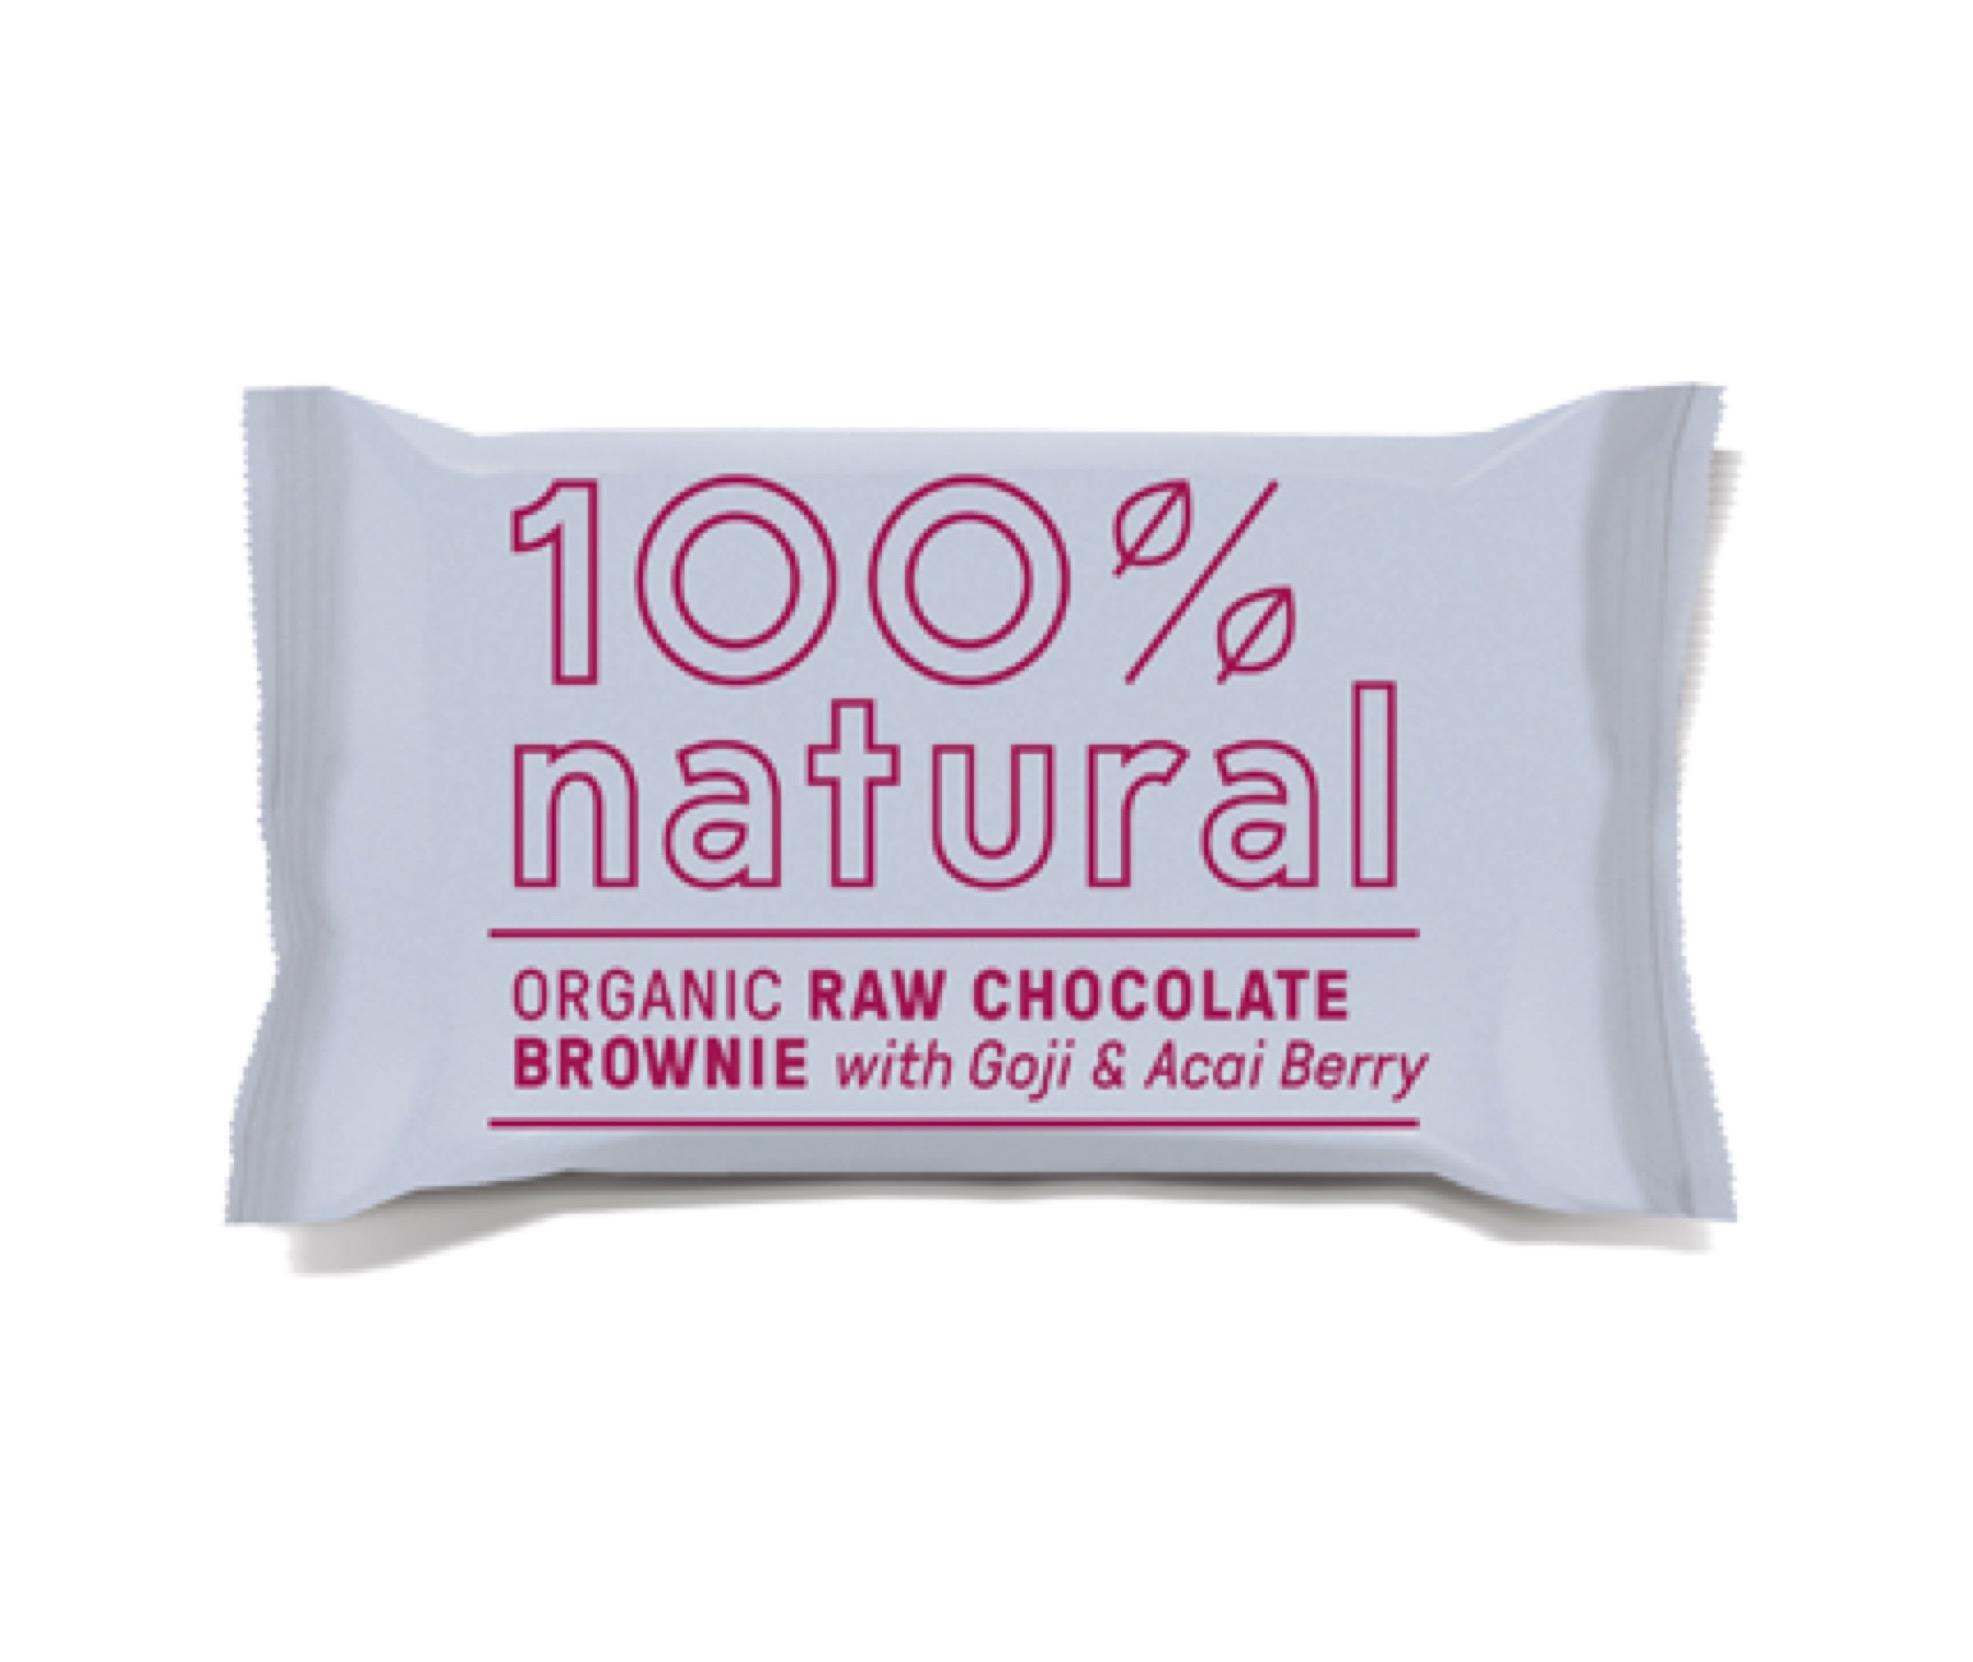 100% NATURAL BROWNIE